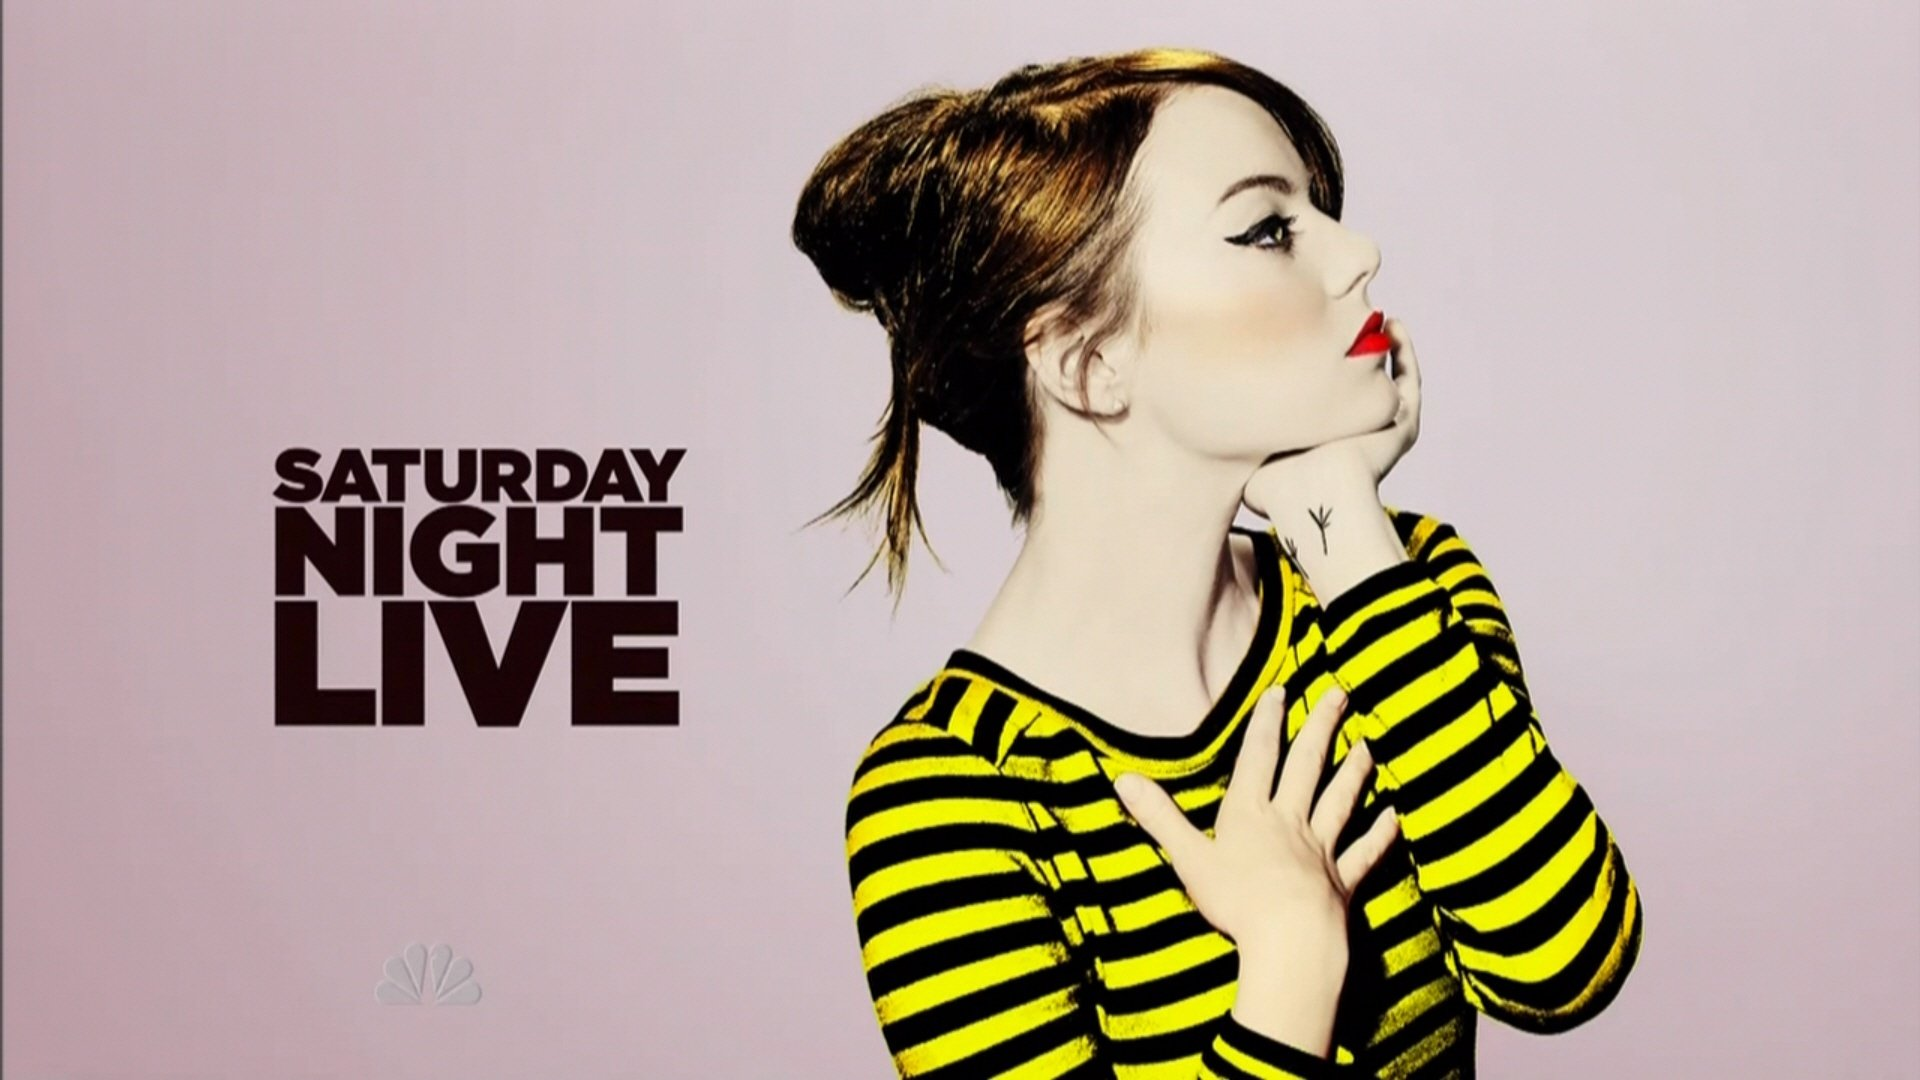 Saturday Night Live Wallpaper 1   1920 X 1080 stmednet 1920x1080